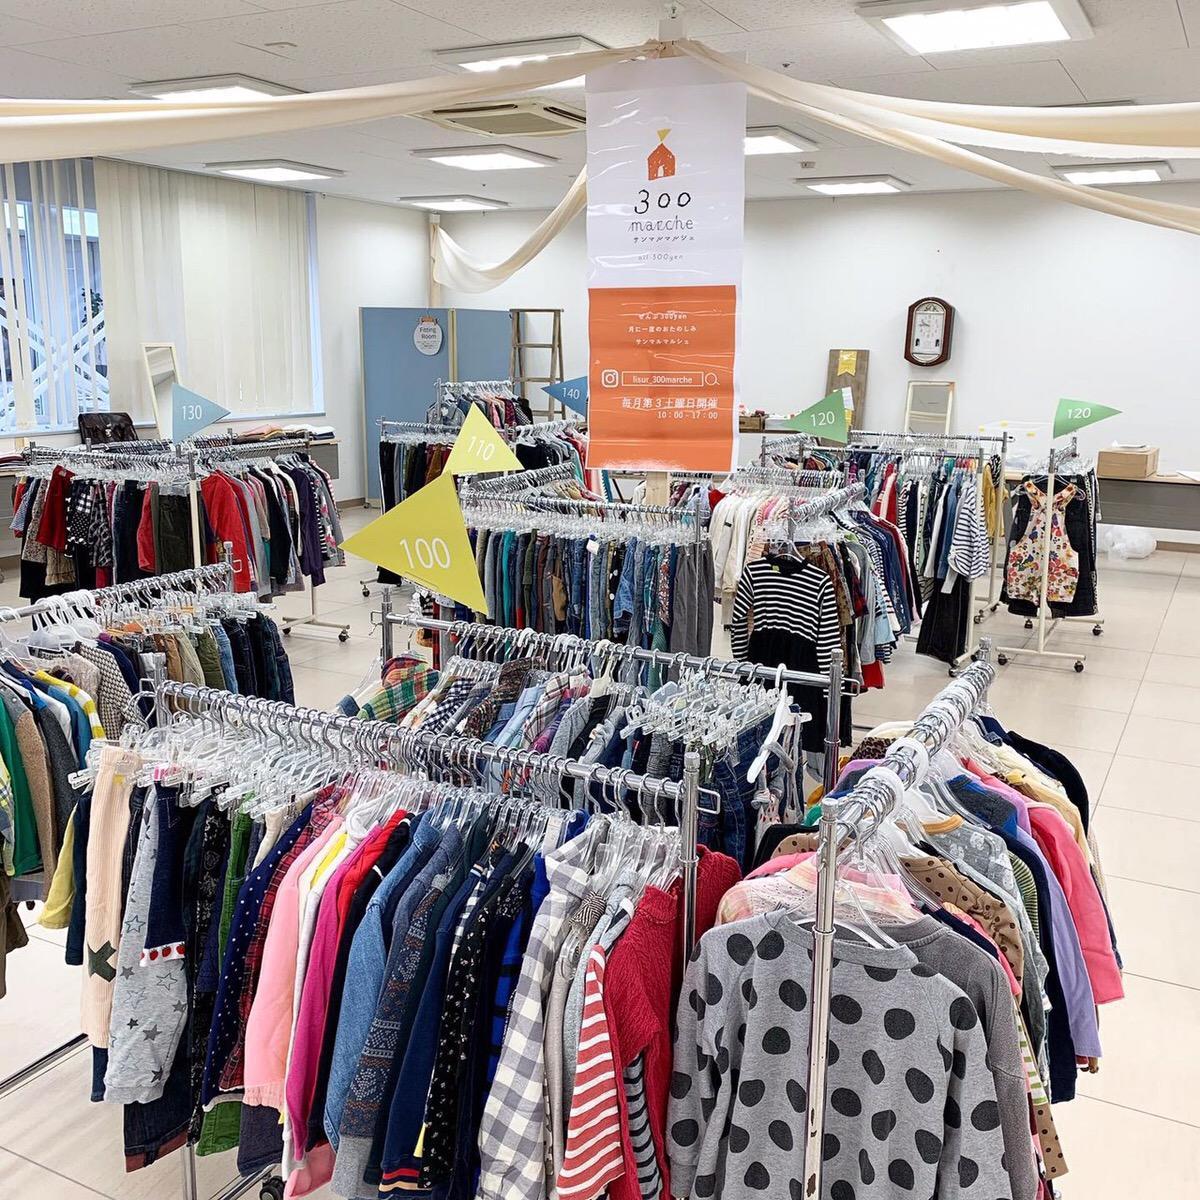 11月に初開催した「300marche(サンマルマルシェ)」の会場。2日間で子ども服を1200着販売した。